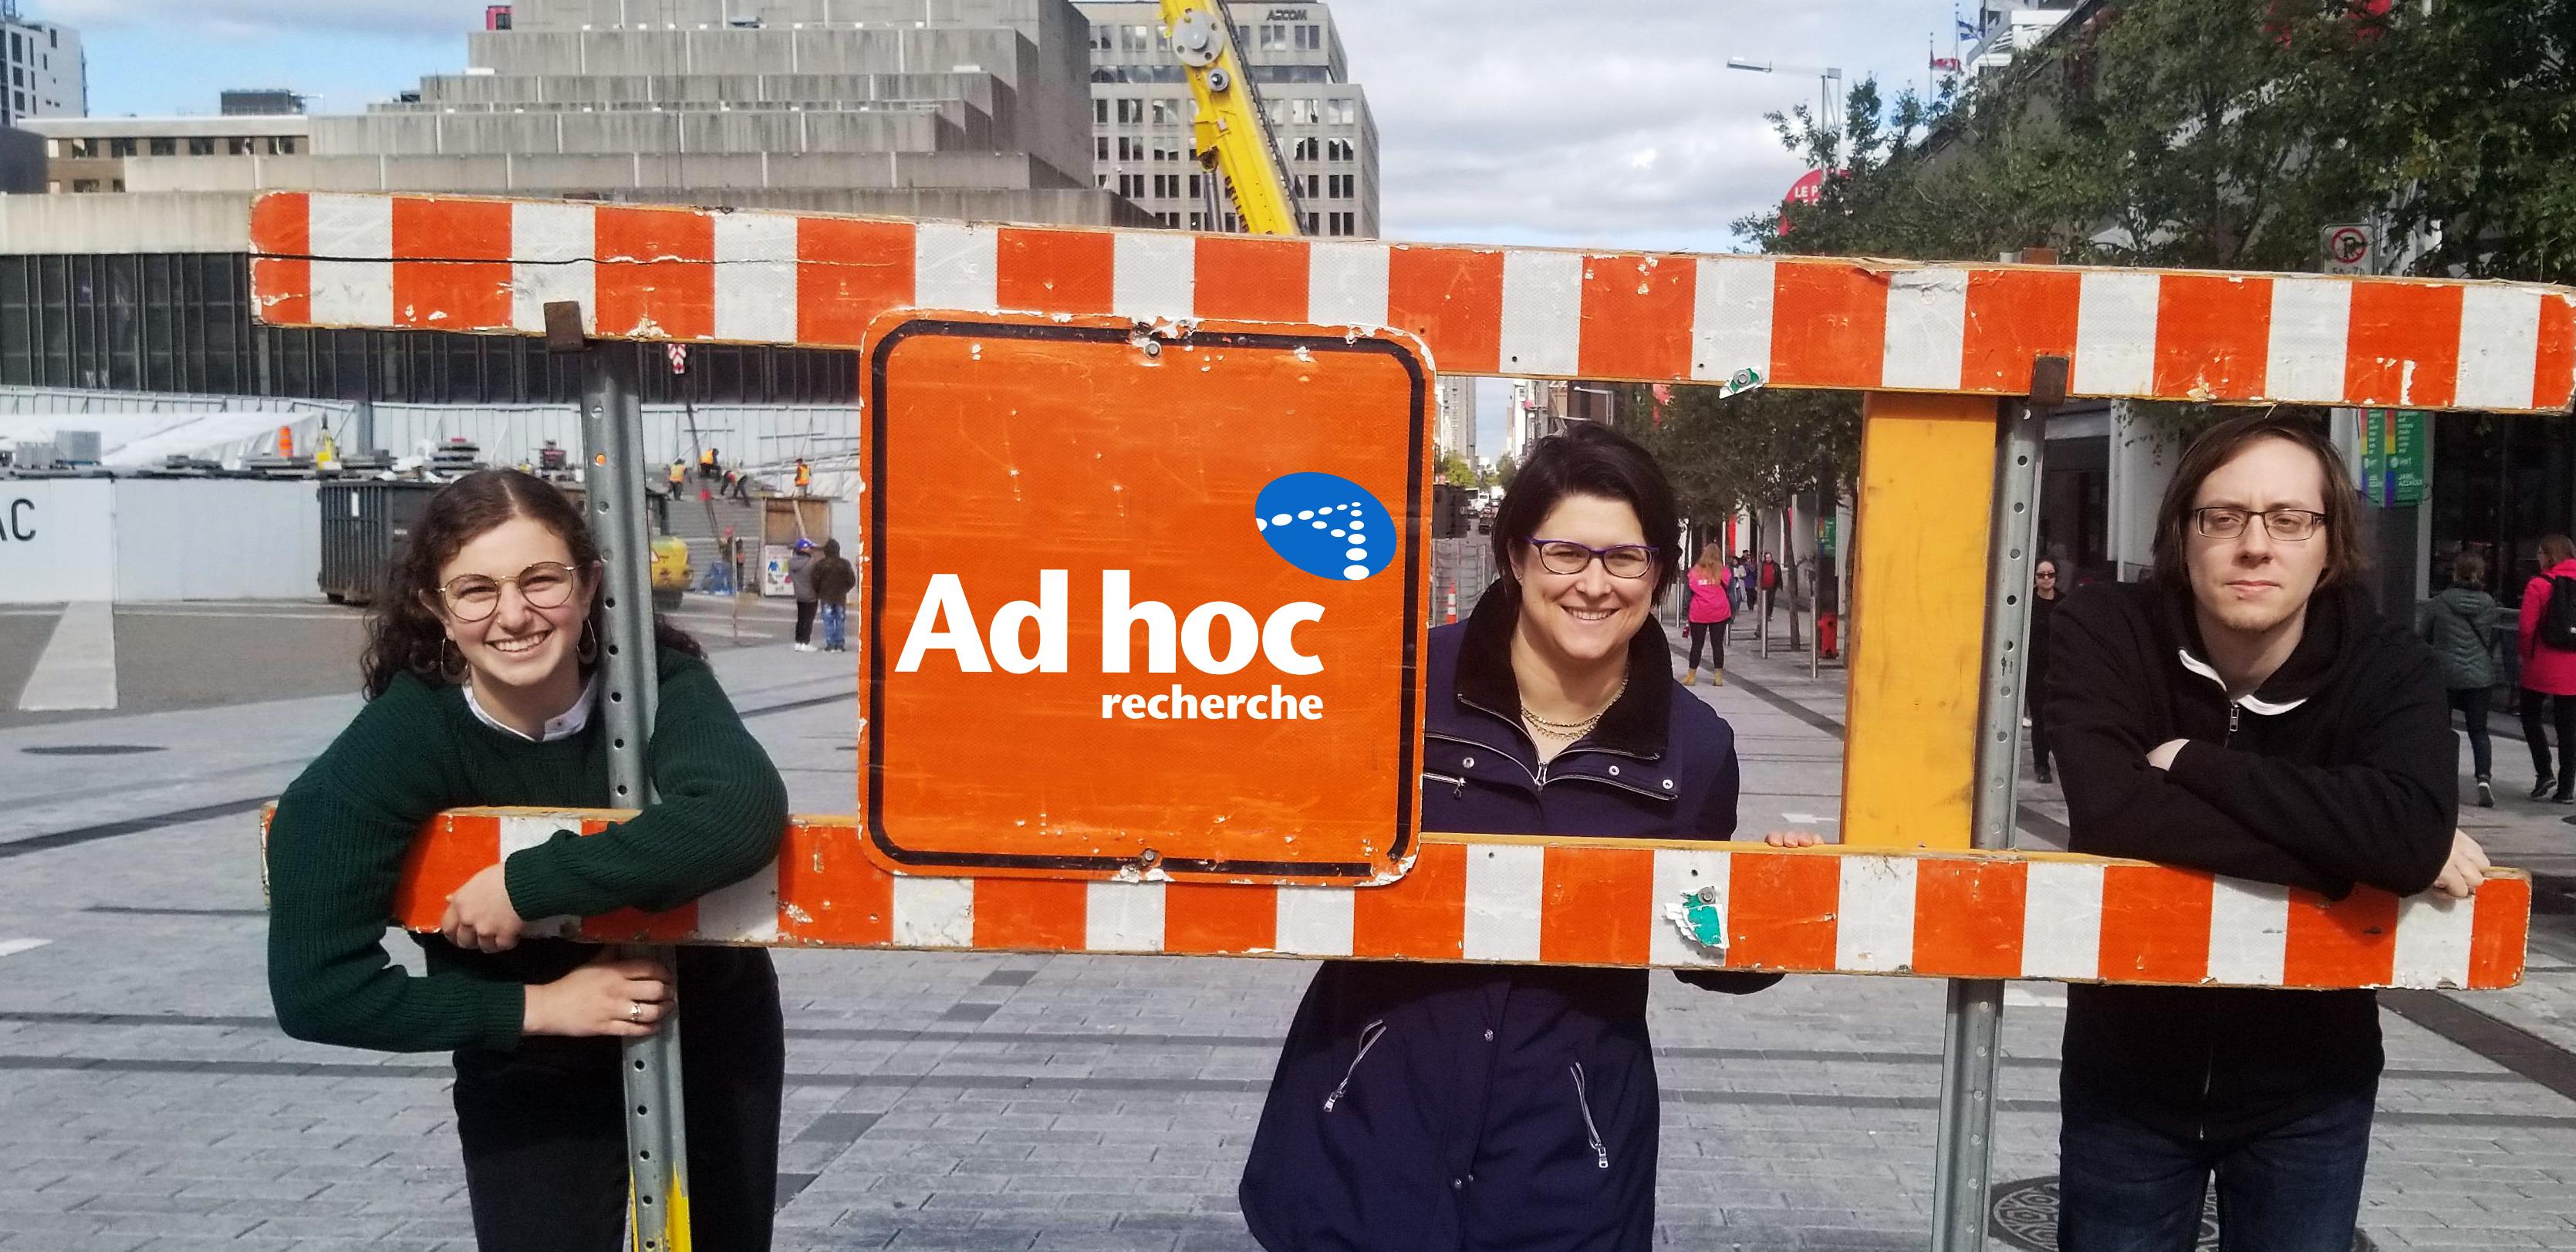 ad hoc